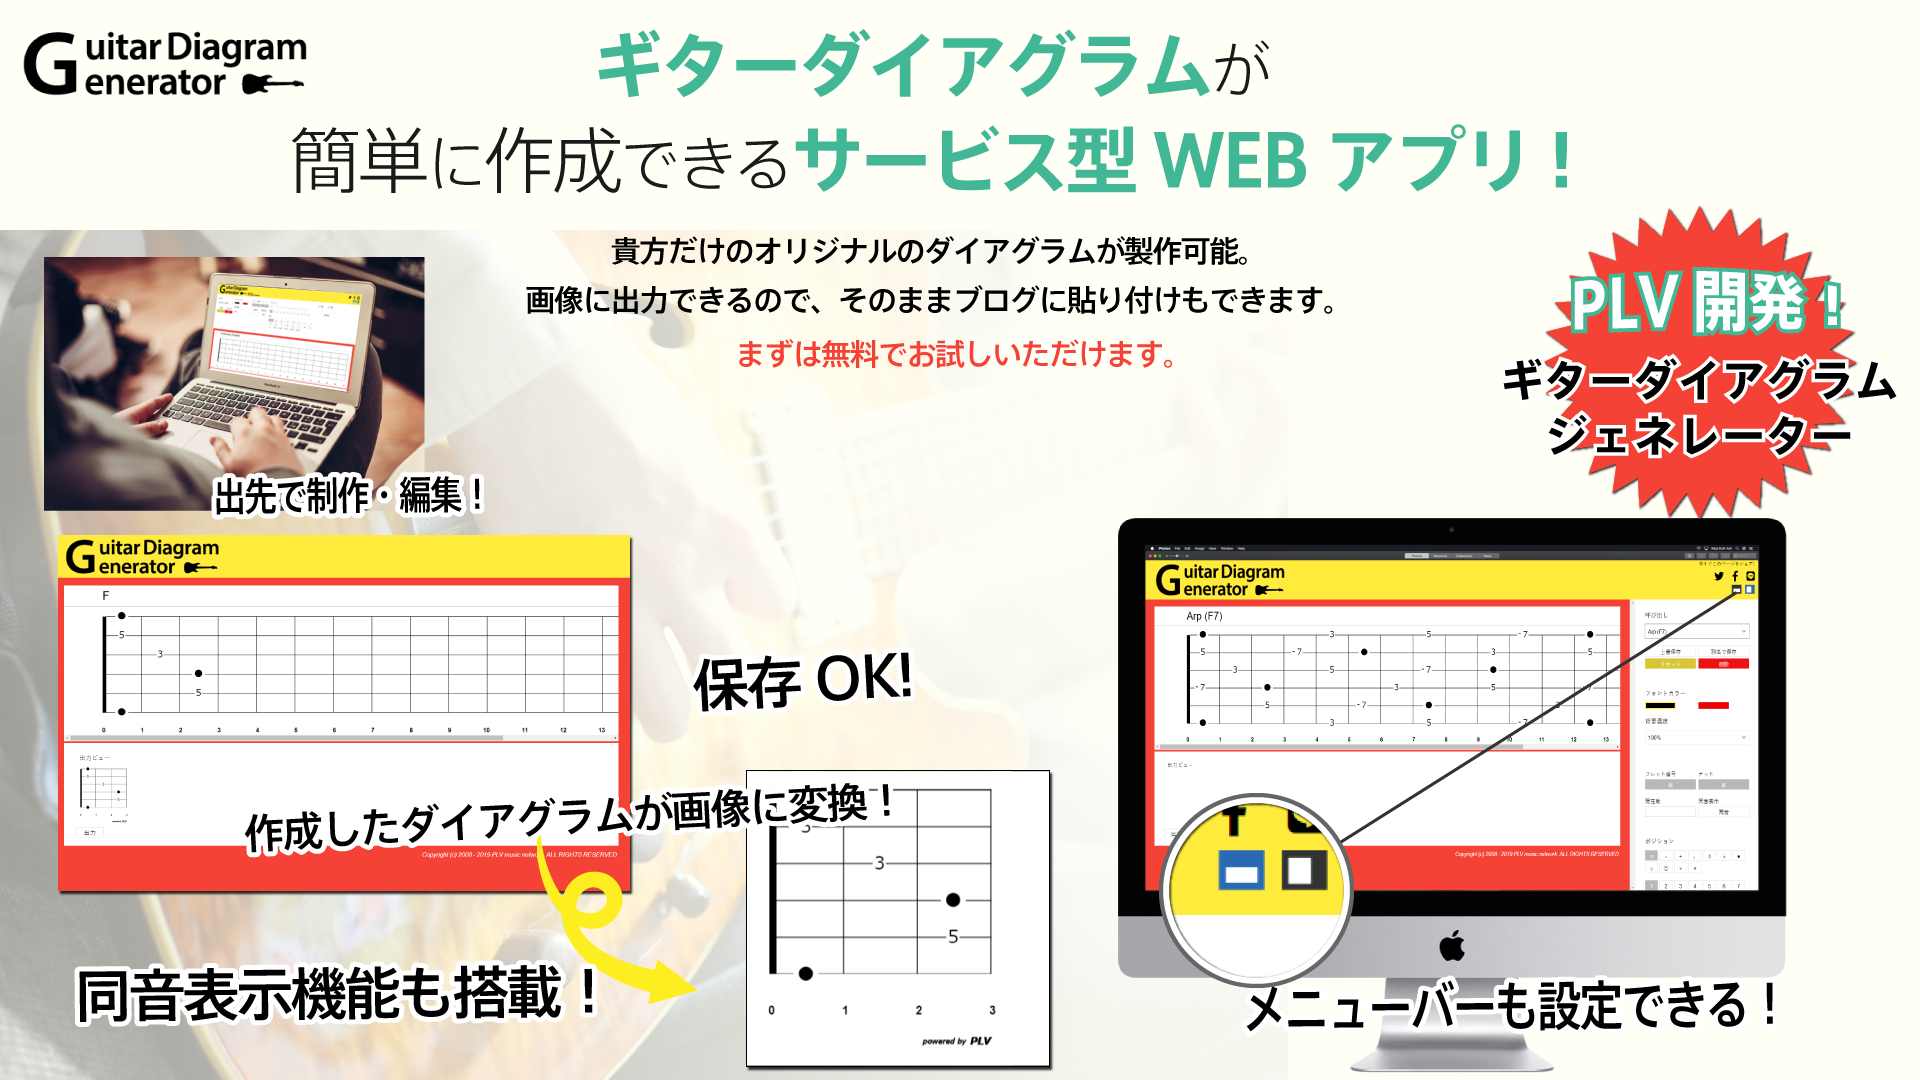 ギターダイアグラムが簡単に作成できるサービス型WEBアプリ!